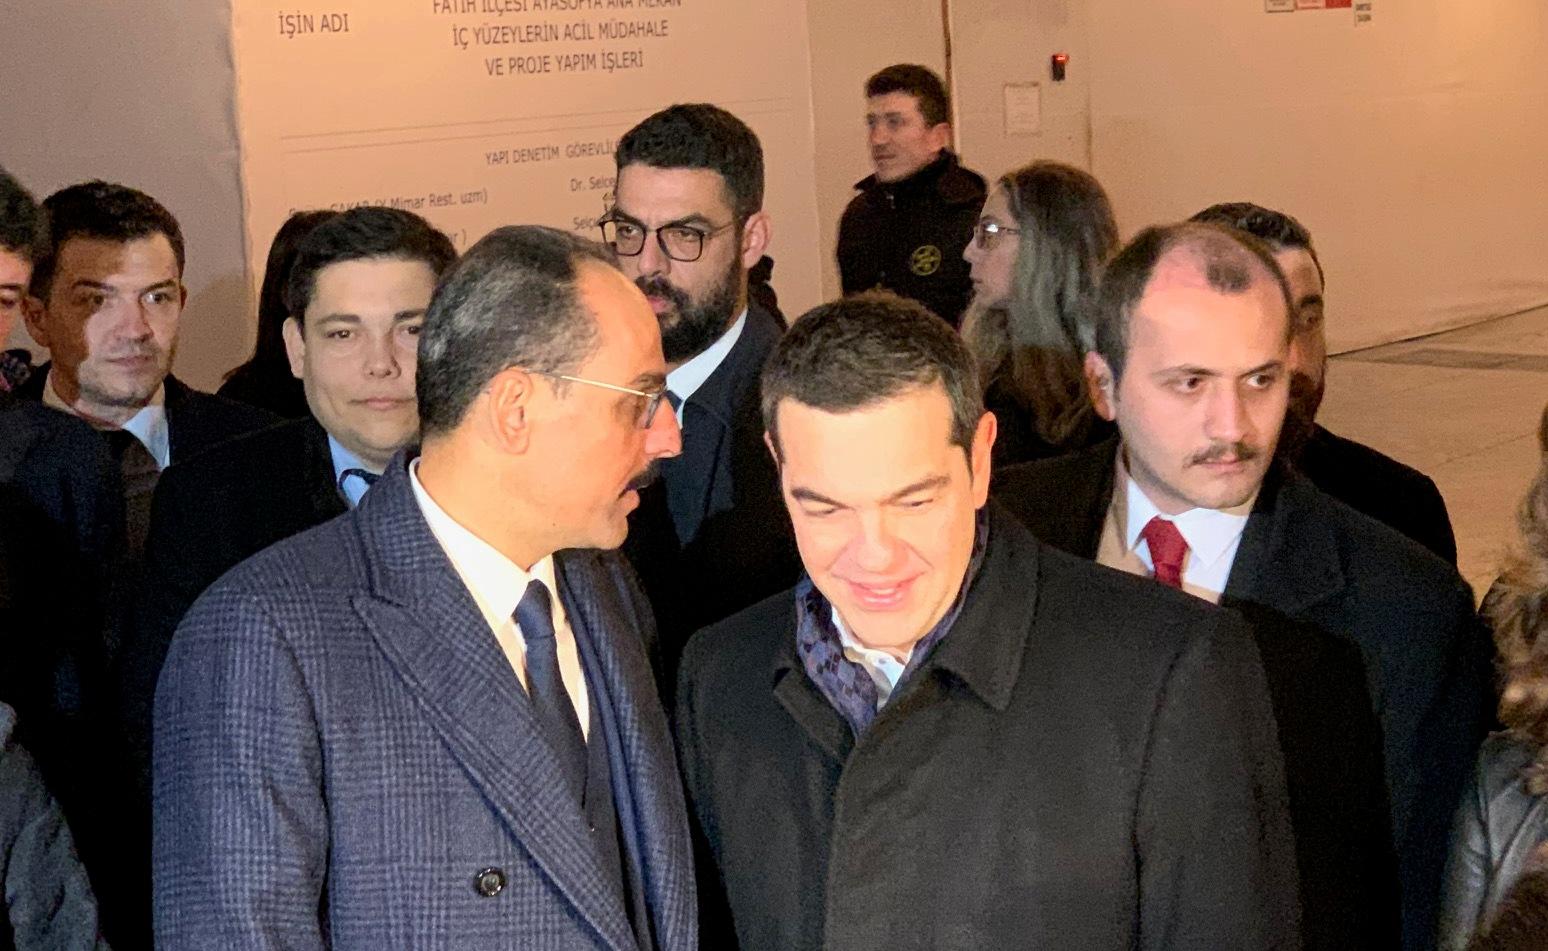 Poseta grčkog premijera Turskoj zamalo otkazana u posljednji čas